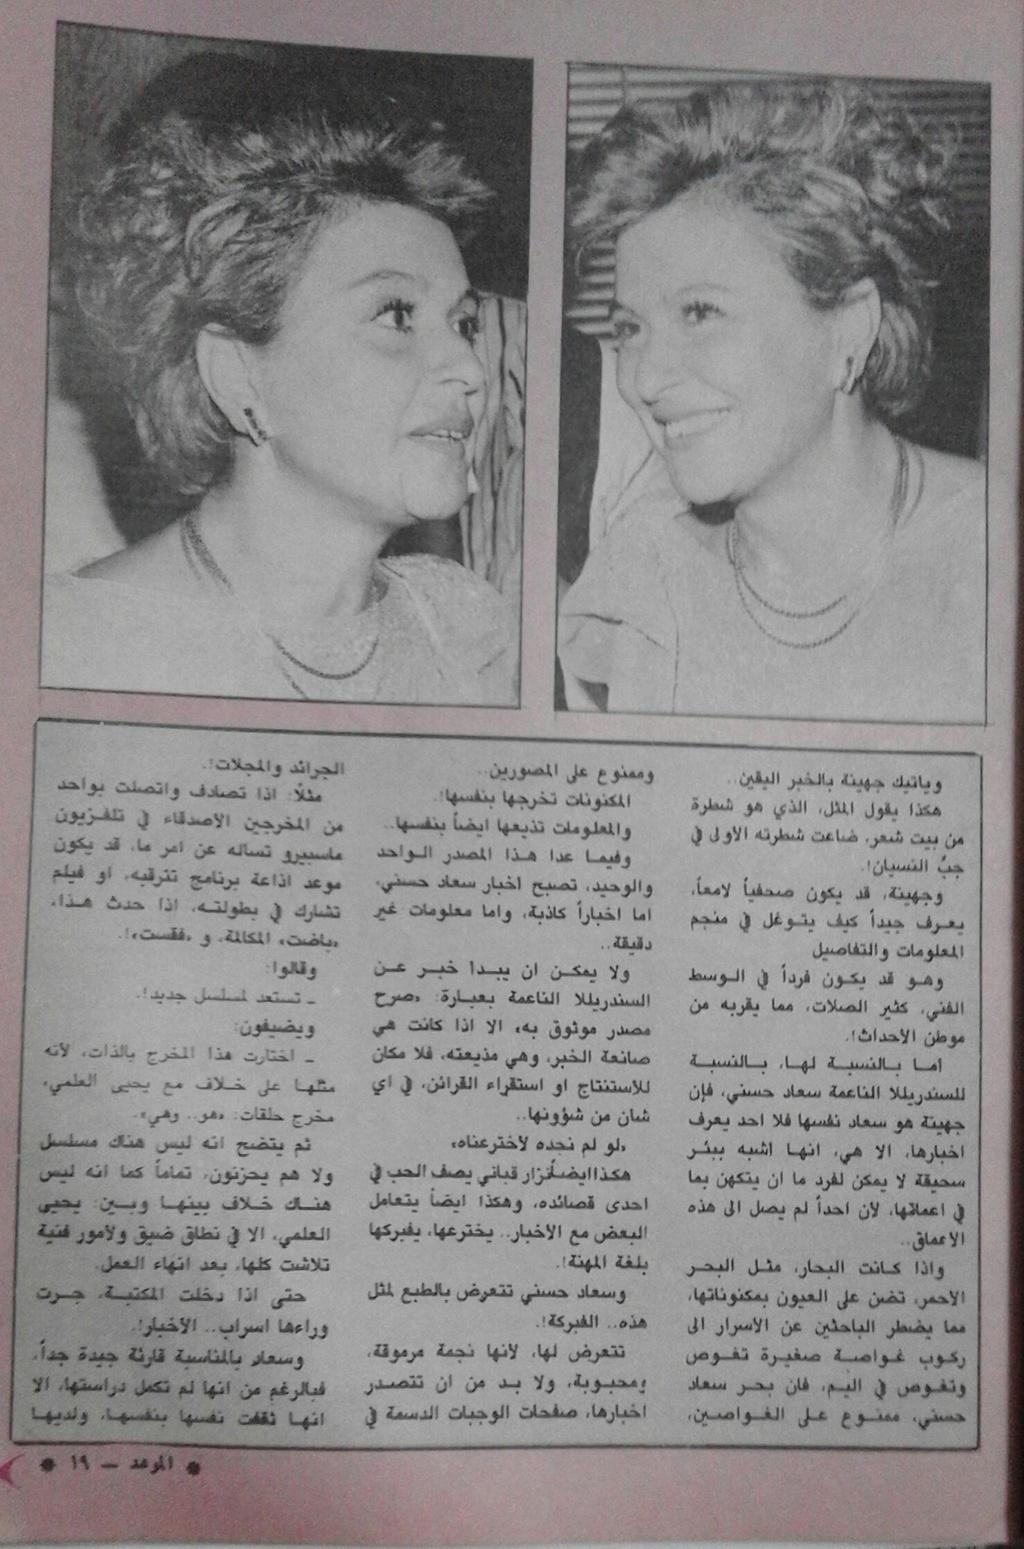 مقال - مقال صحفي : أخبار سعاد حسني لاتعرفها وتعلنها إلا .. سعاد حسني 1986 م 219